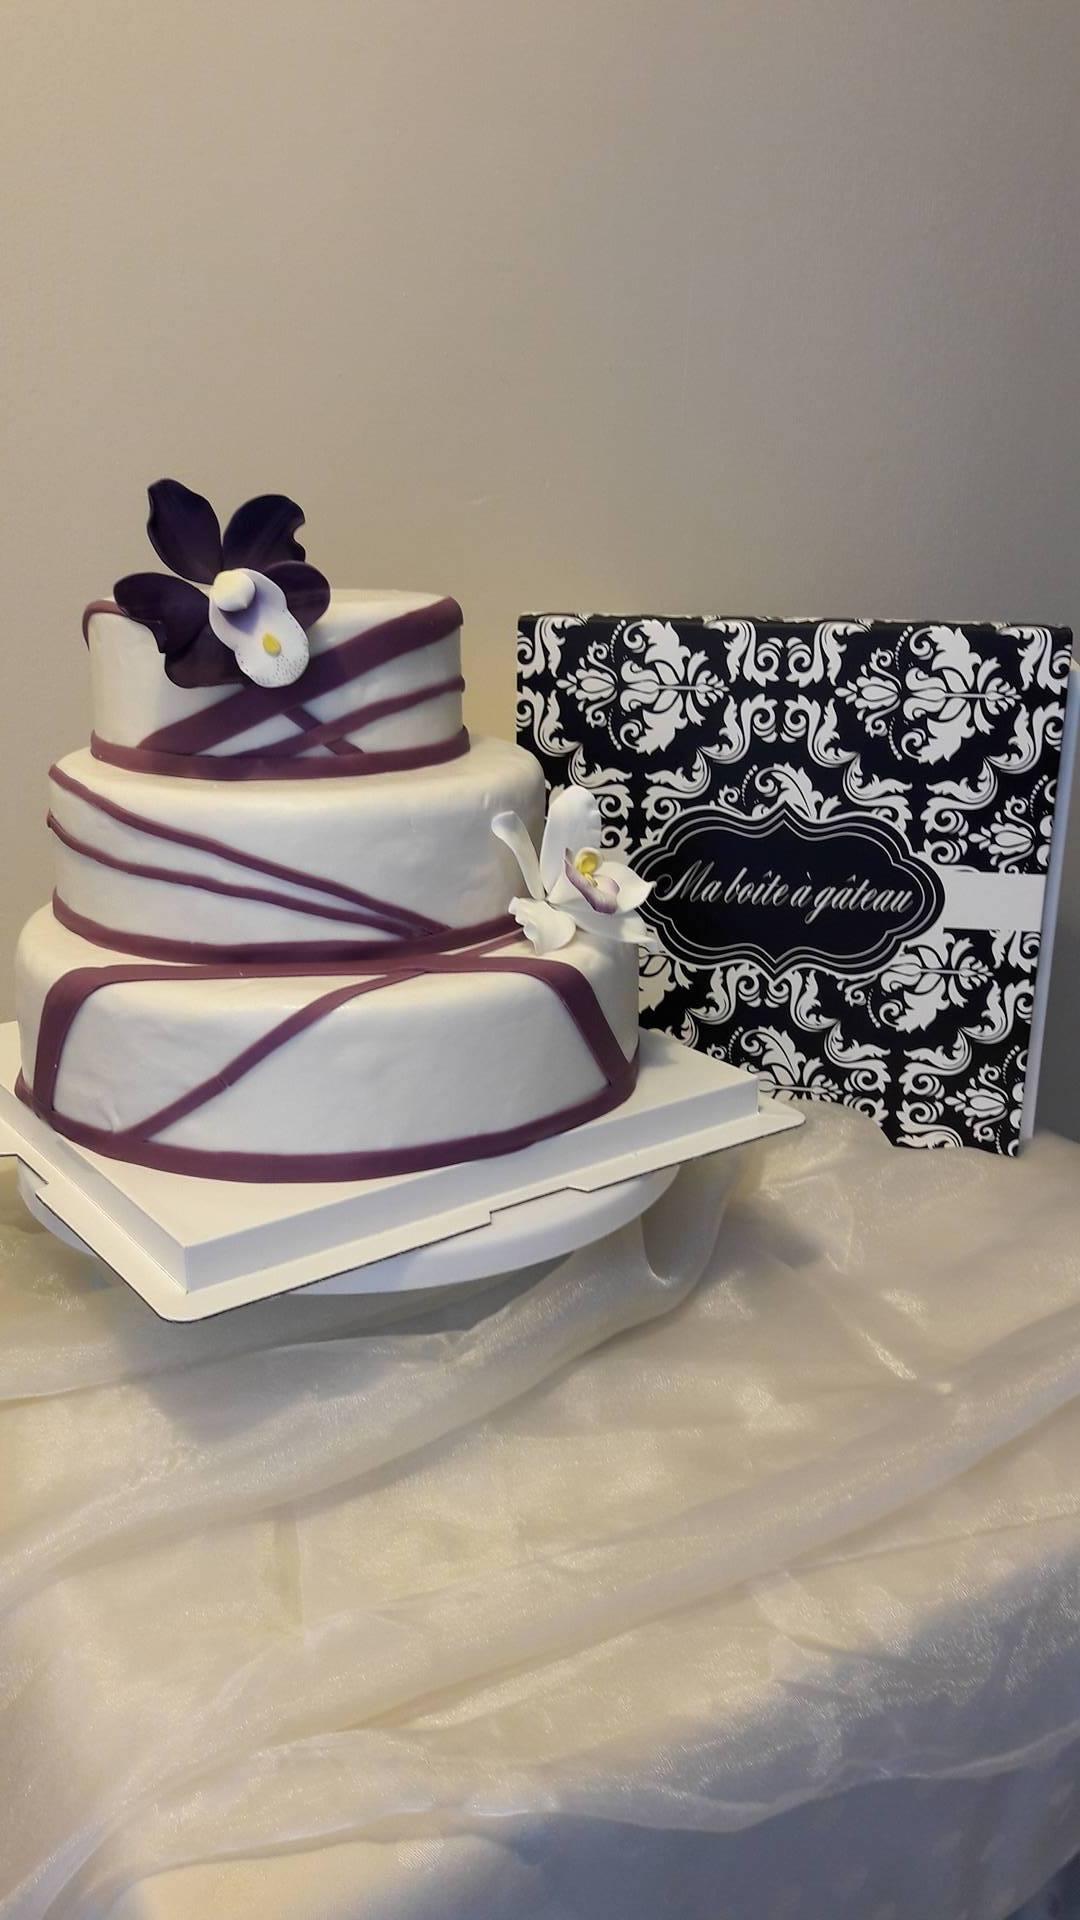 Décoration d'un gâteau de Mariage avec des fleurs en sucre